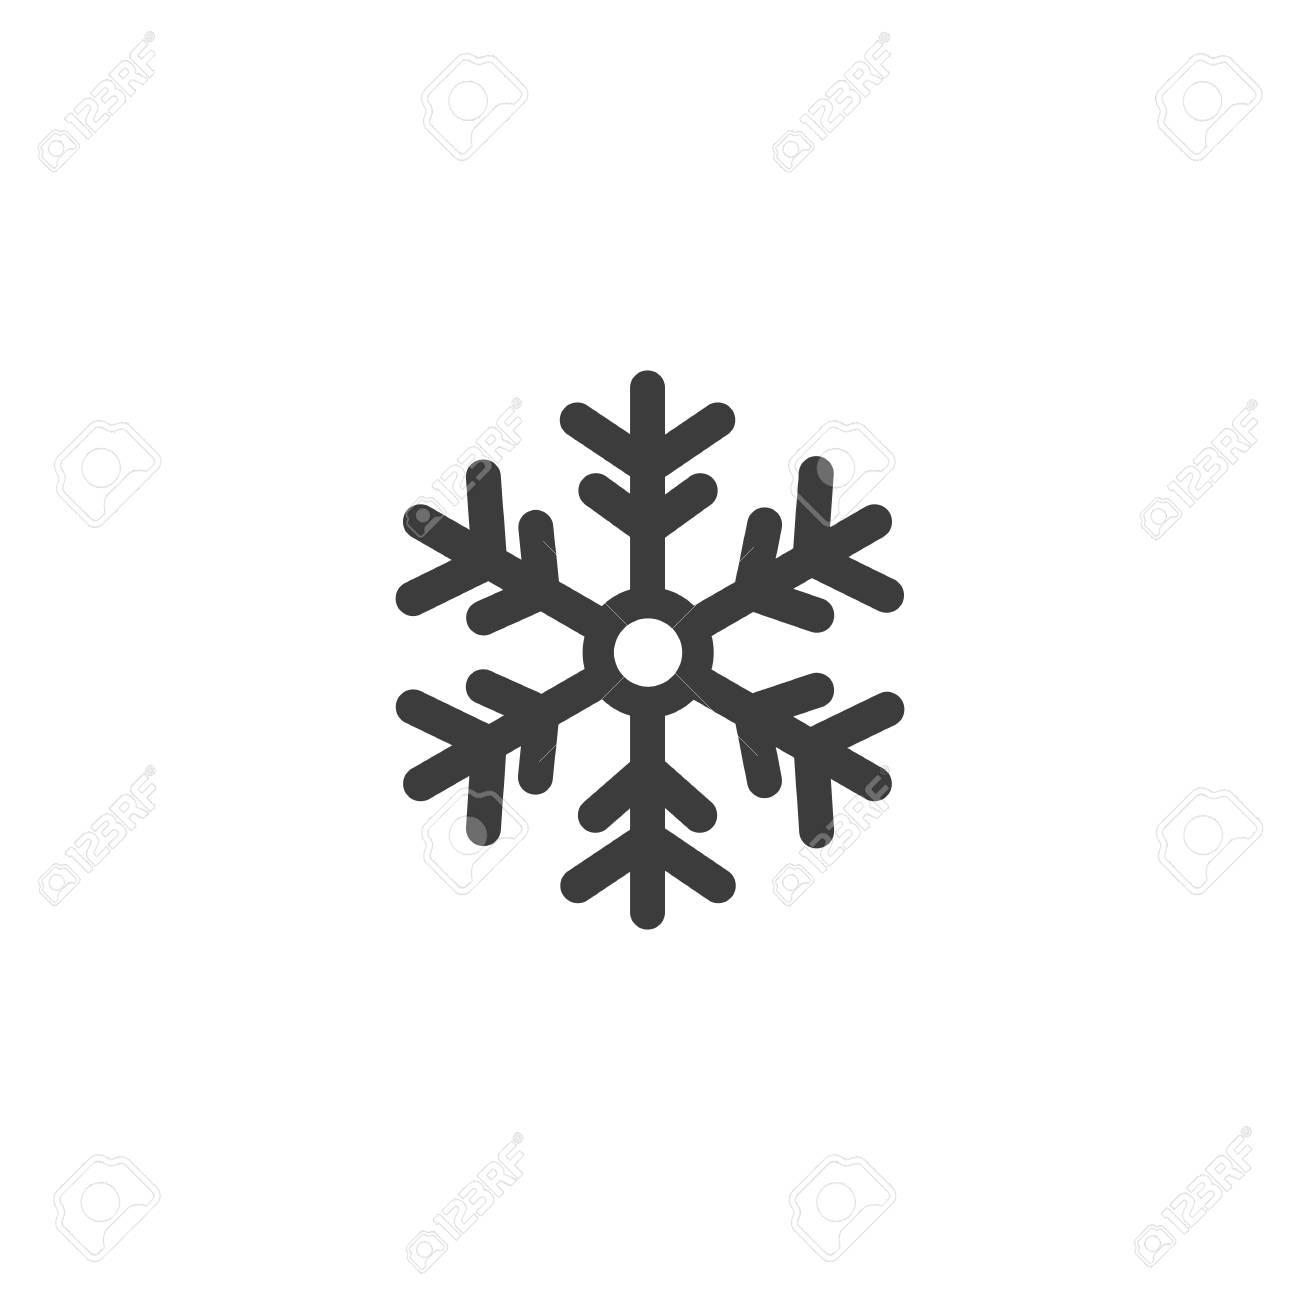 Flocon De Neige Snowflake Vector Isole Sur Fond Blanc Clip Art Libres De Droits Vecteurs Et Illustration Image 60582622